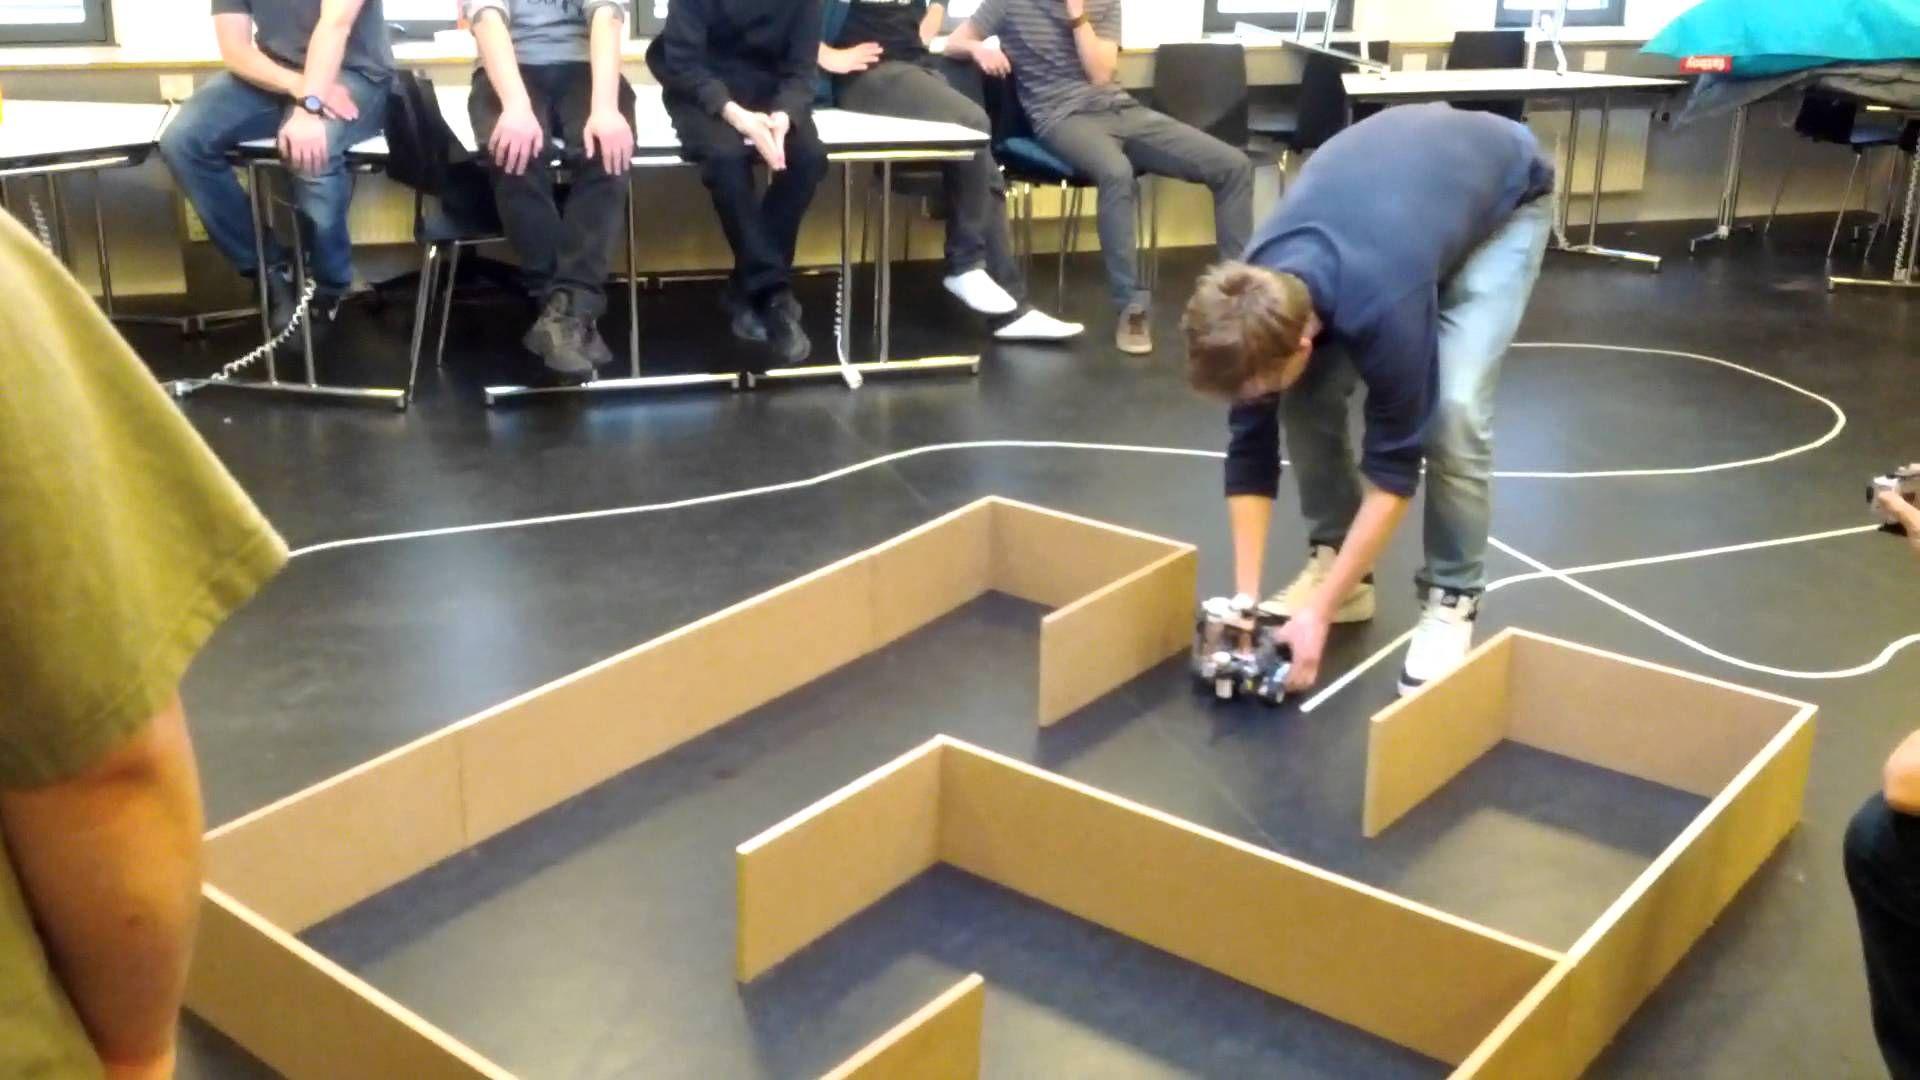 Lego Mindstorm competition At: Københavns Erhvervsakademi www.kea.dk/da/